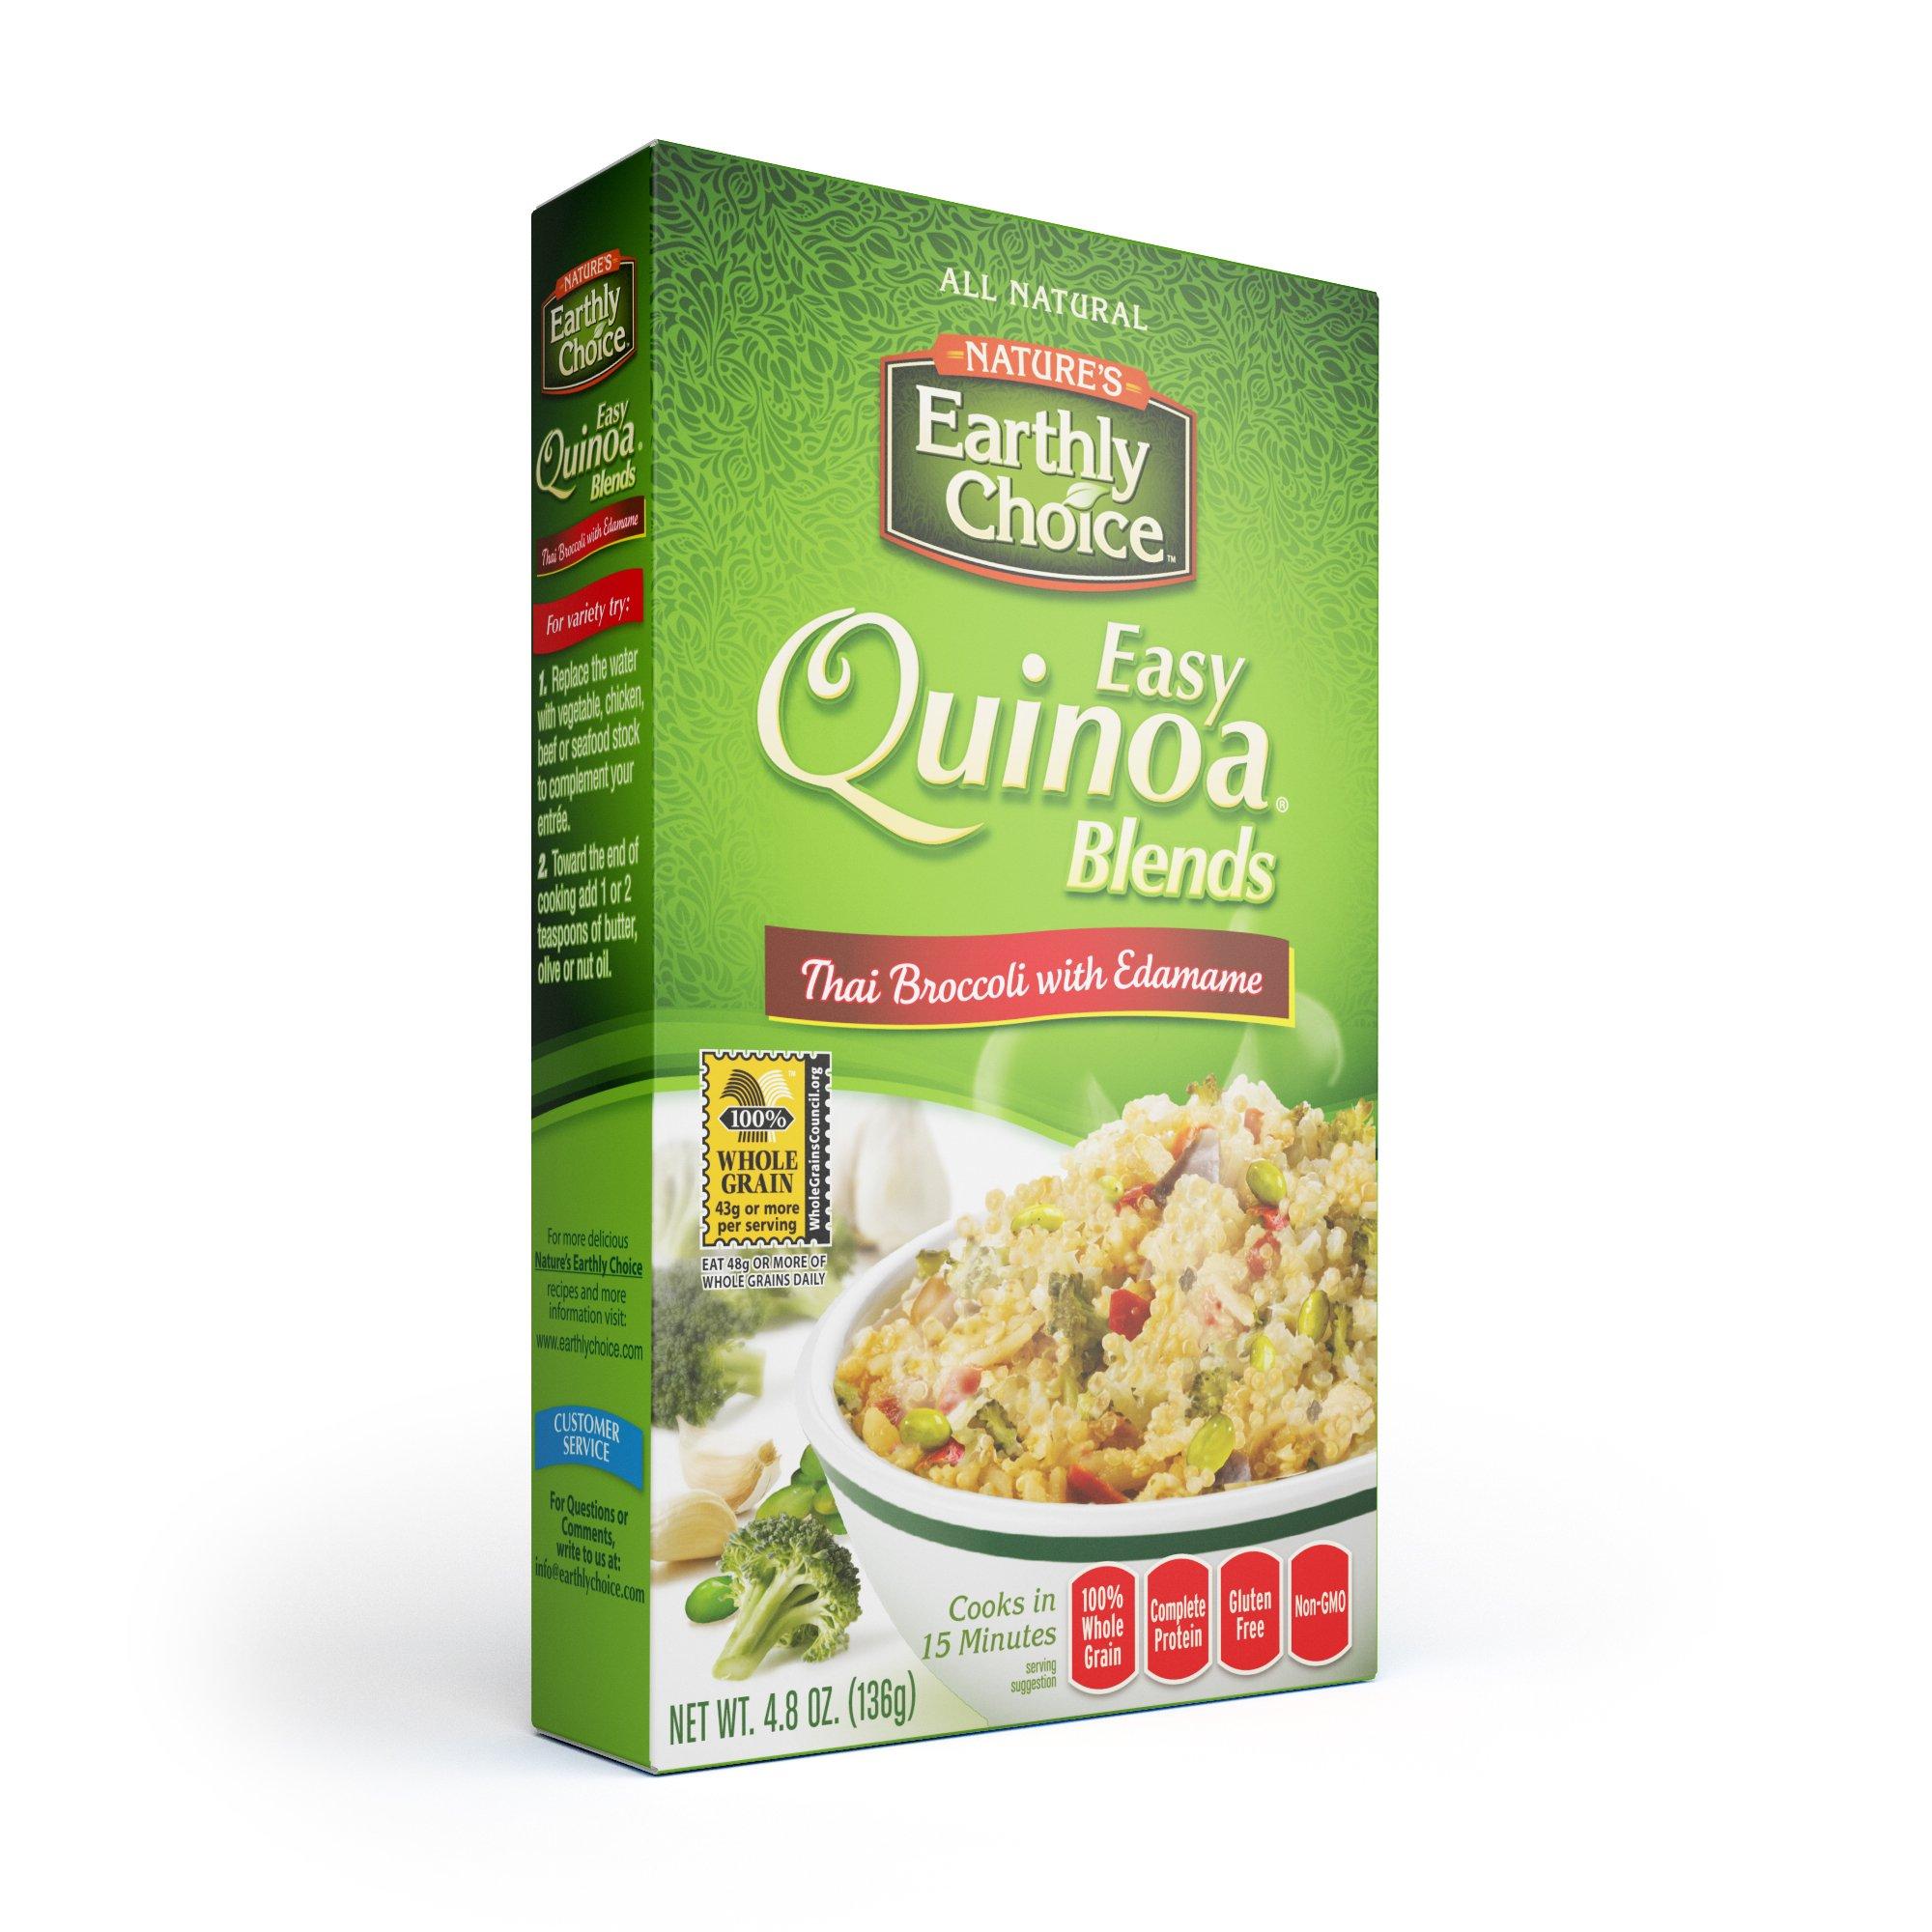 Natures Earthly Choice Quinoa Thai Broccoli with Edamame, 6 x 4.8 ounce